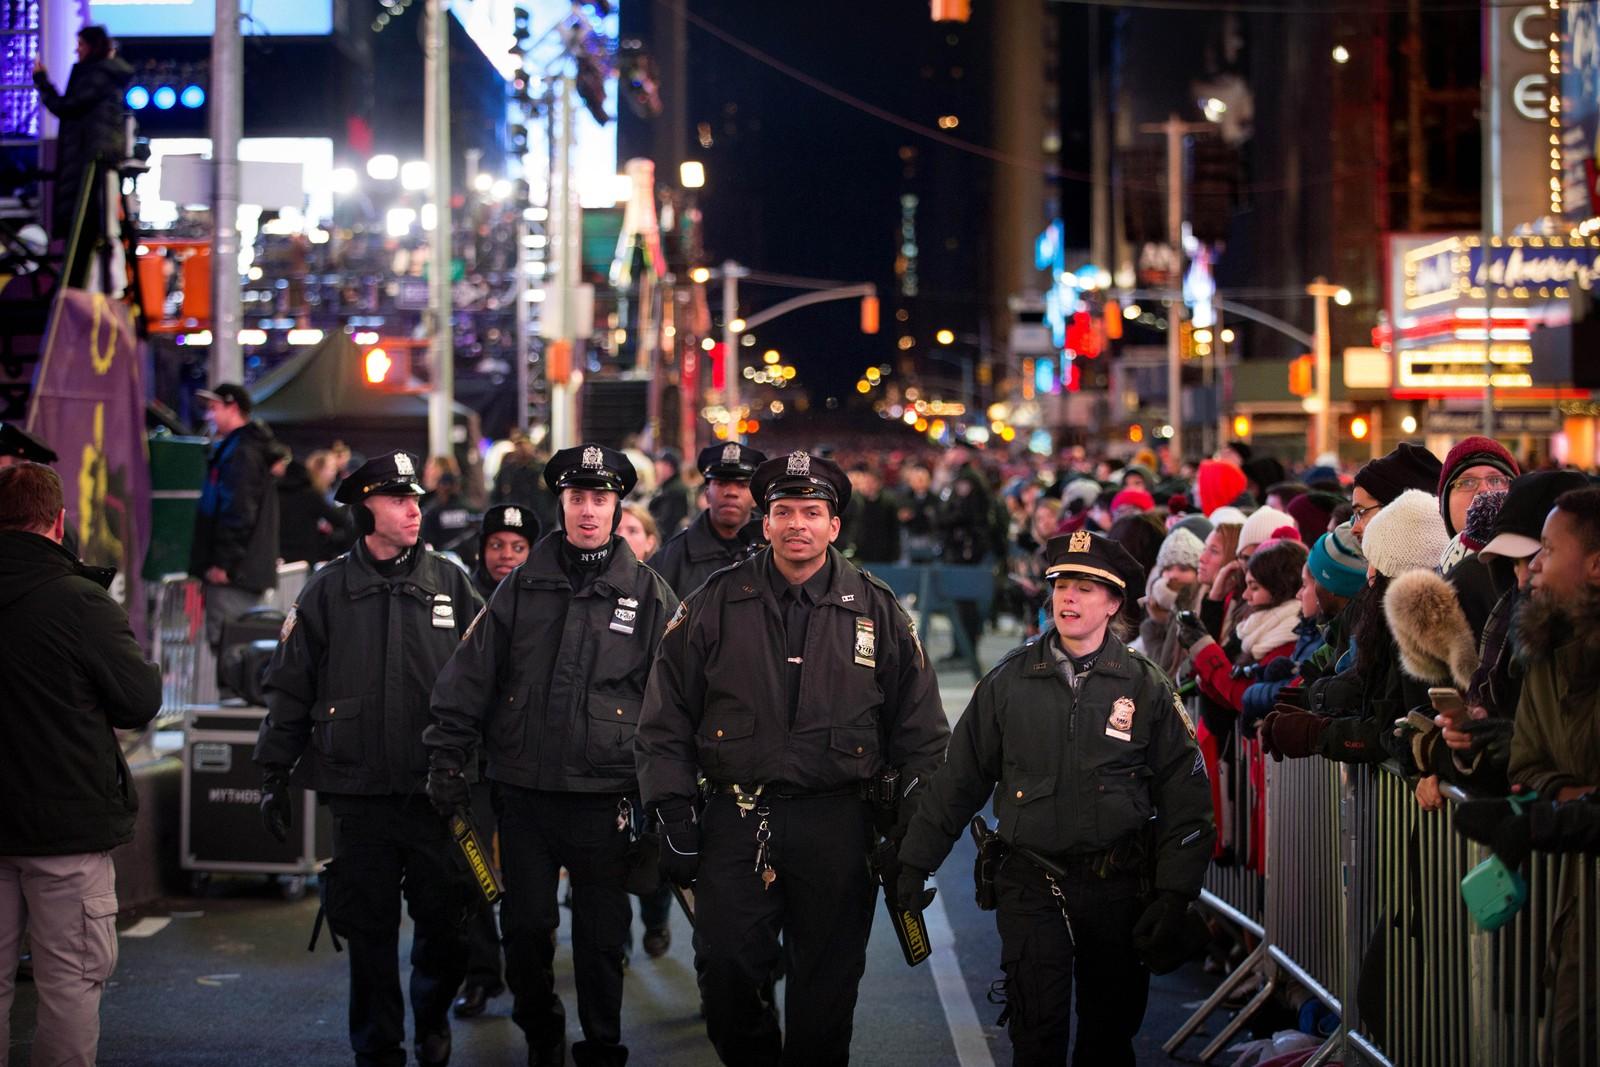 Mer enn 6000 politifolk, 500 flere enn i fjor, voktet New Yorks gater under nyttårsfeiringen.